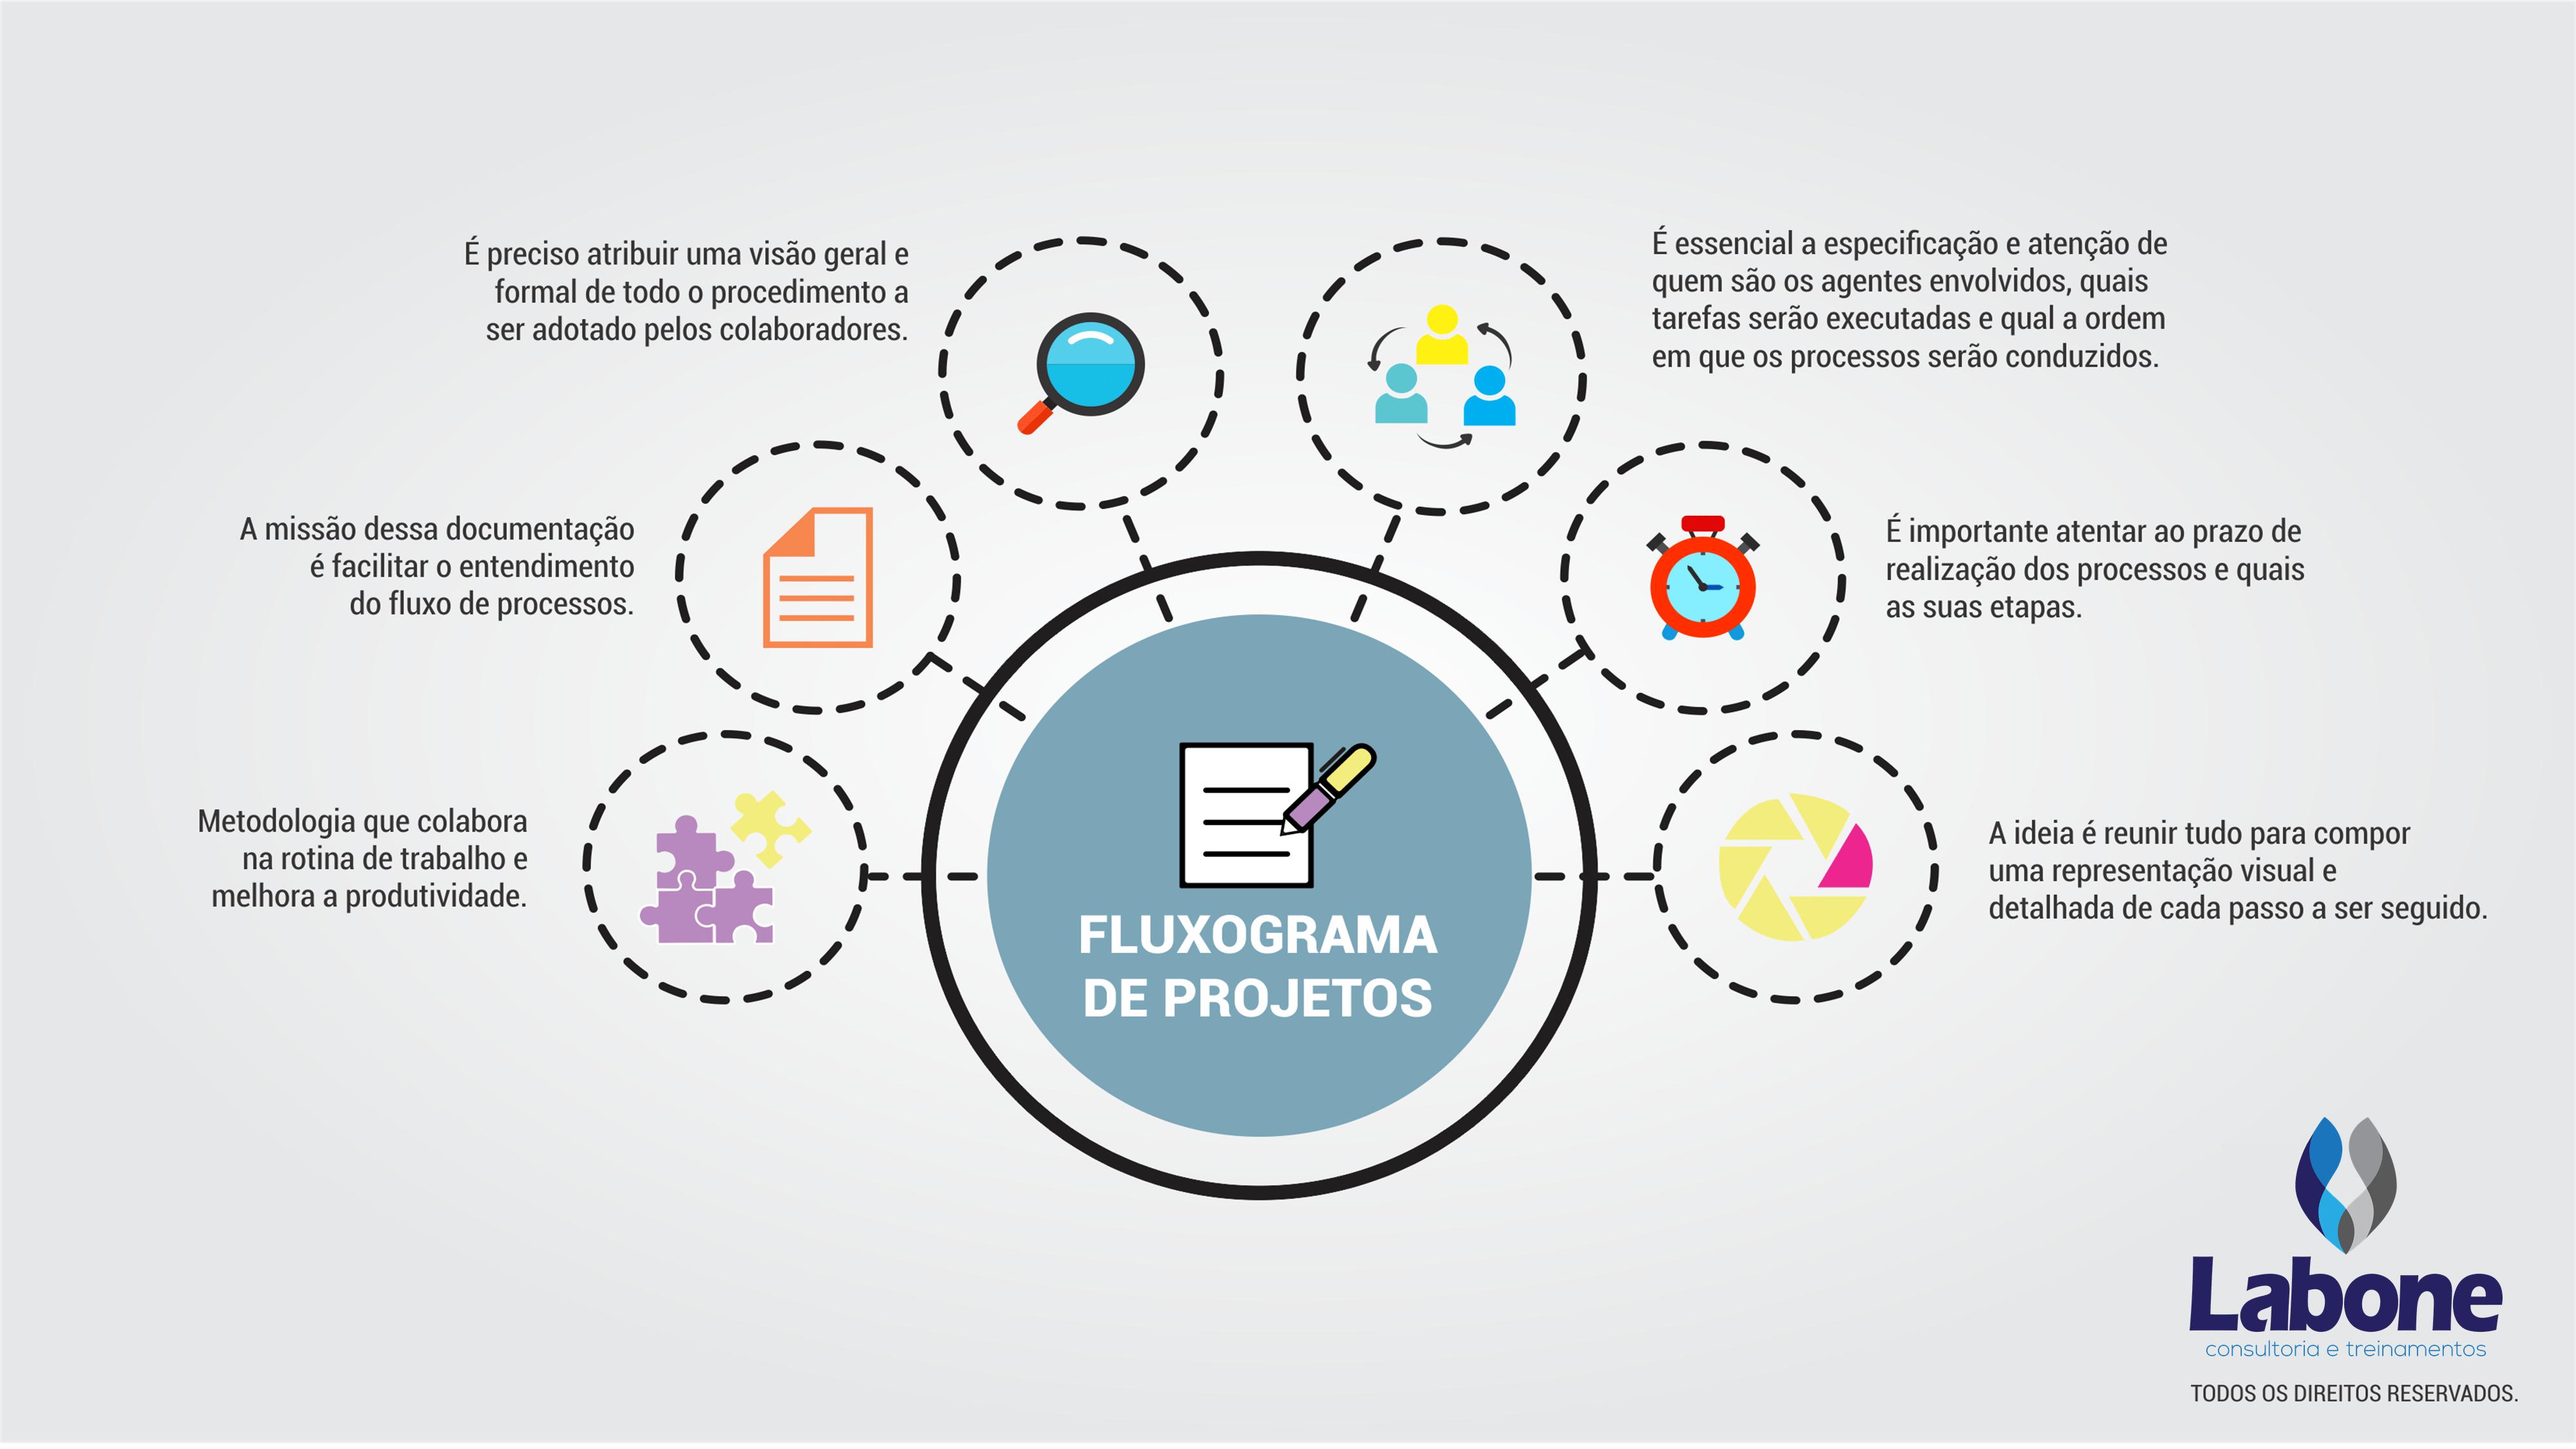 Confira o infográfico sobre o Flucograma de Processos